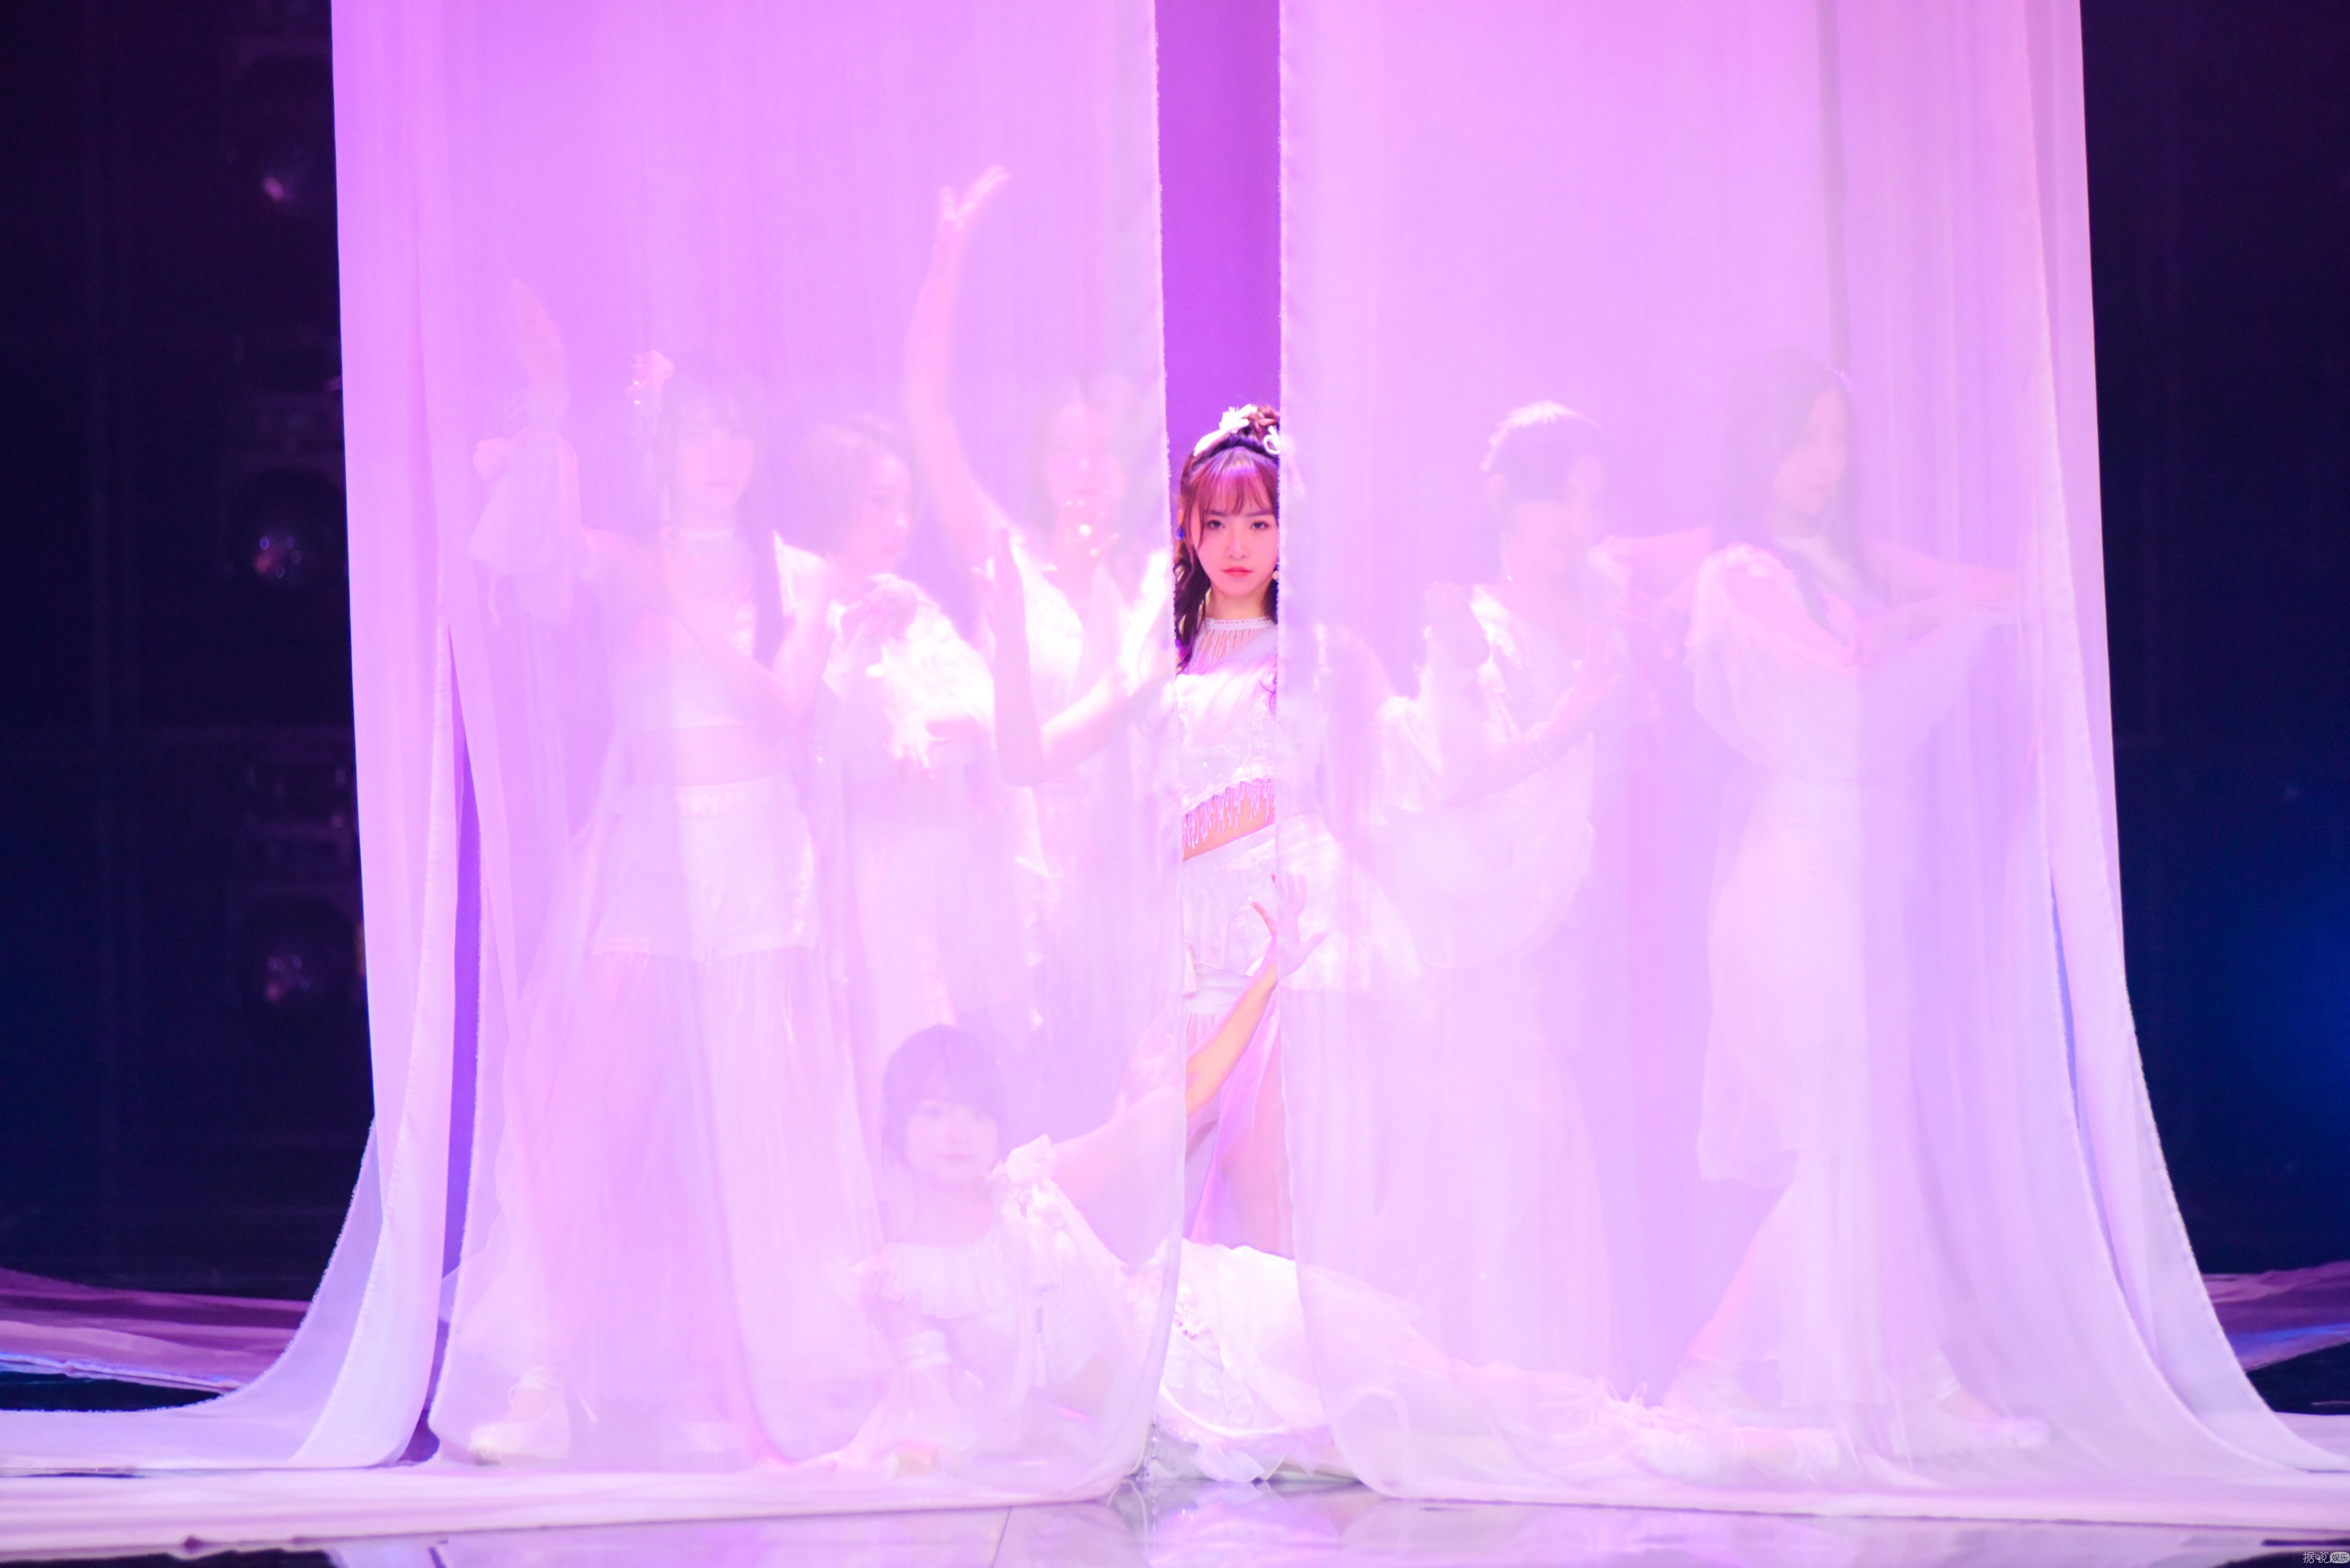 白衣飞天亮相《由你音乐榜》SING女团演绎丝路千年之约